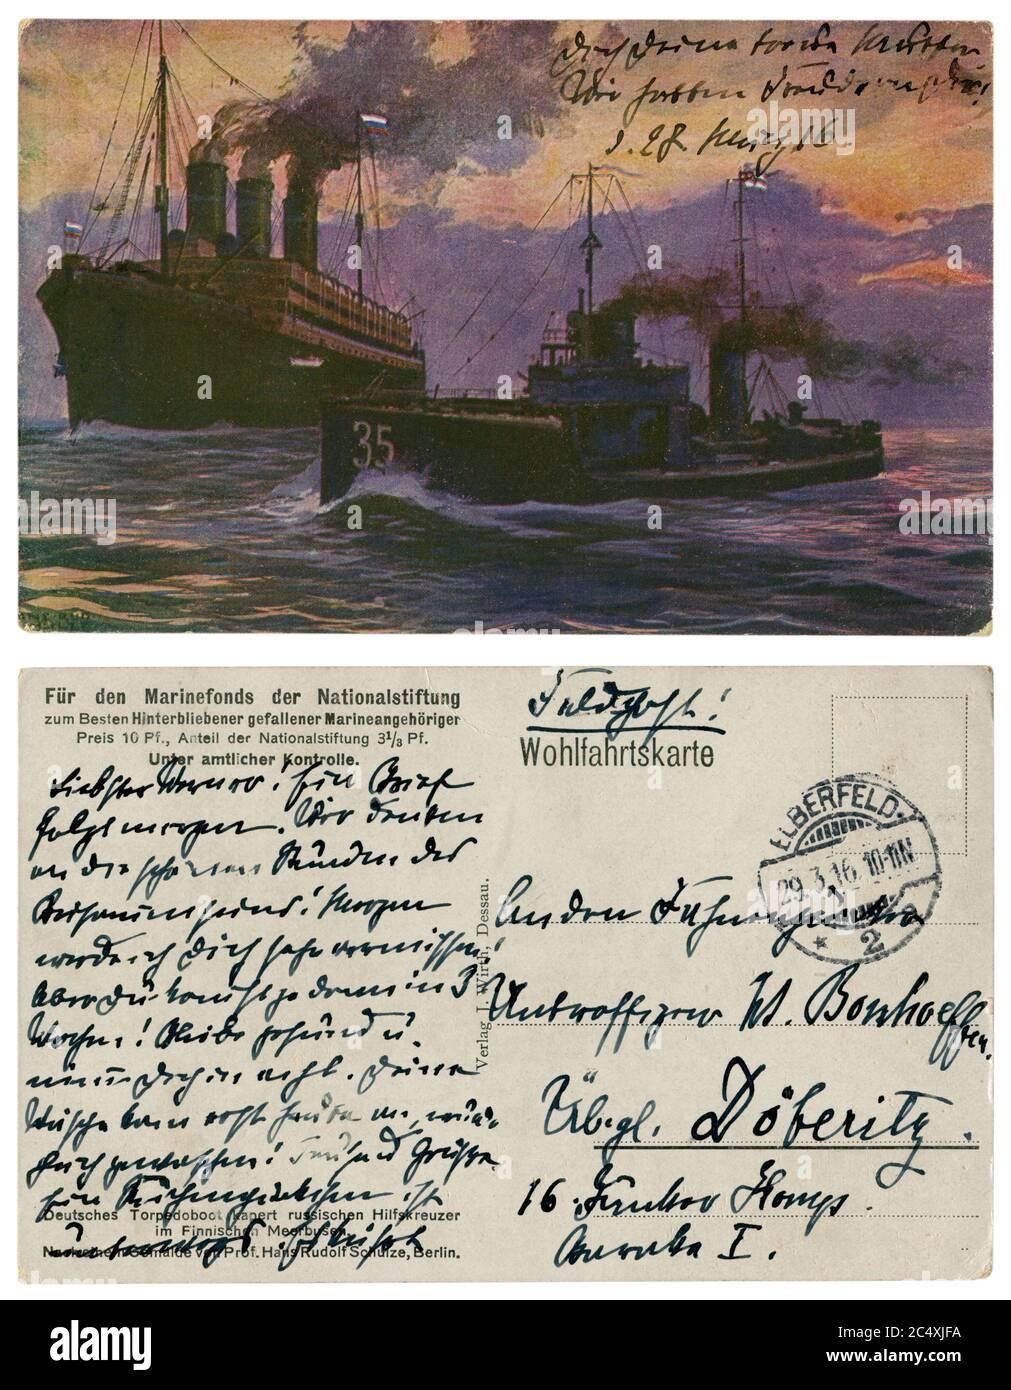 Carte postale historique allemande : un bateau torpille capture un croiseur auxiliaire russe (bateau à vapeur armé) dans le golfe de Finlande, Marine impériale allemande, 1916 Banque D'Images